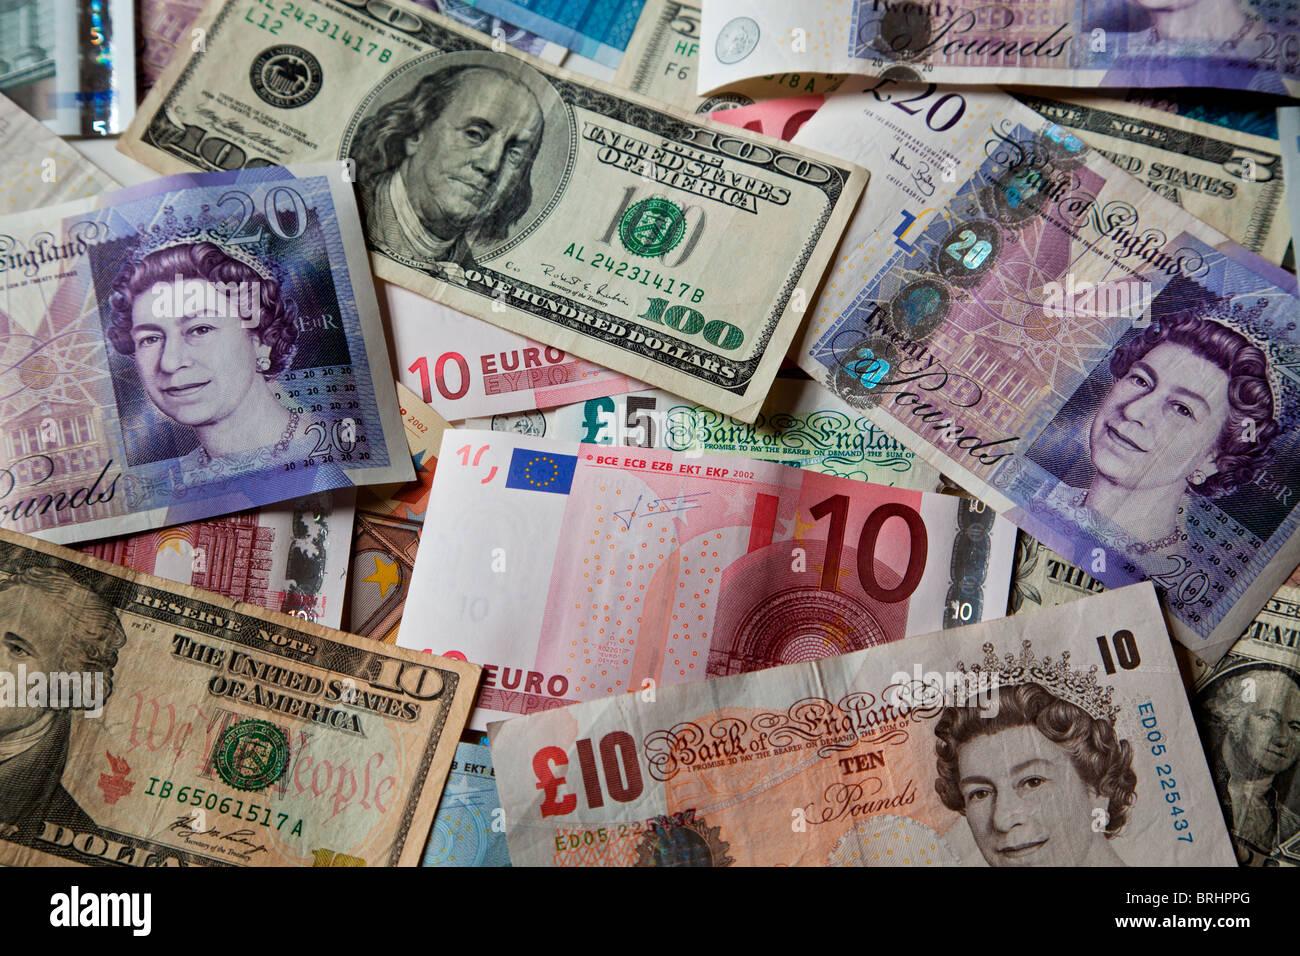 Der Pfund ist die 4 meist gehandelte Währung, basierend auf Daten der BIS. Die Wirtschaft von England ist, nach dem Bruttoinlandsprodukt gemessen, die 5th größte der Welt, mit einem nominalen BIP von Millionen US-Dollar.